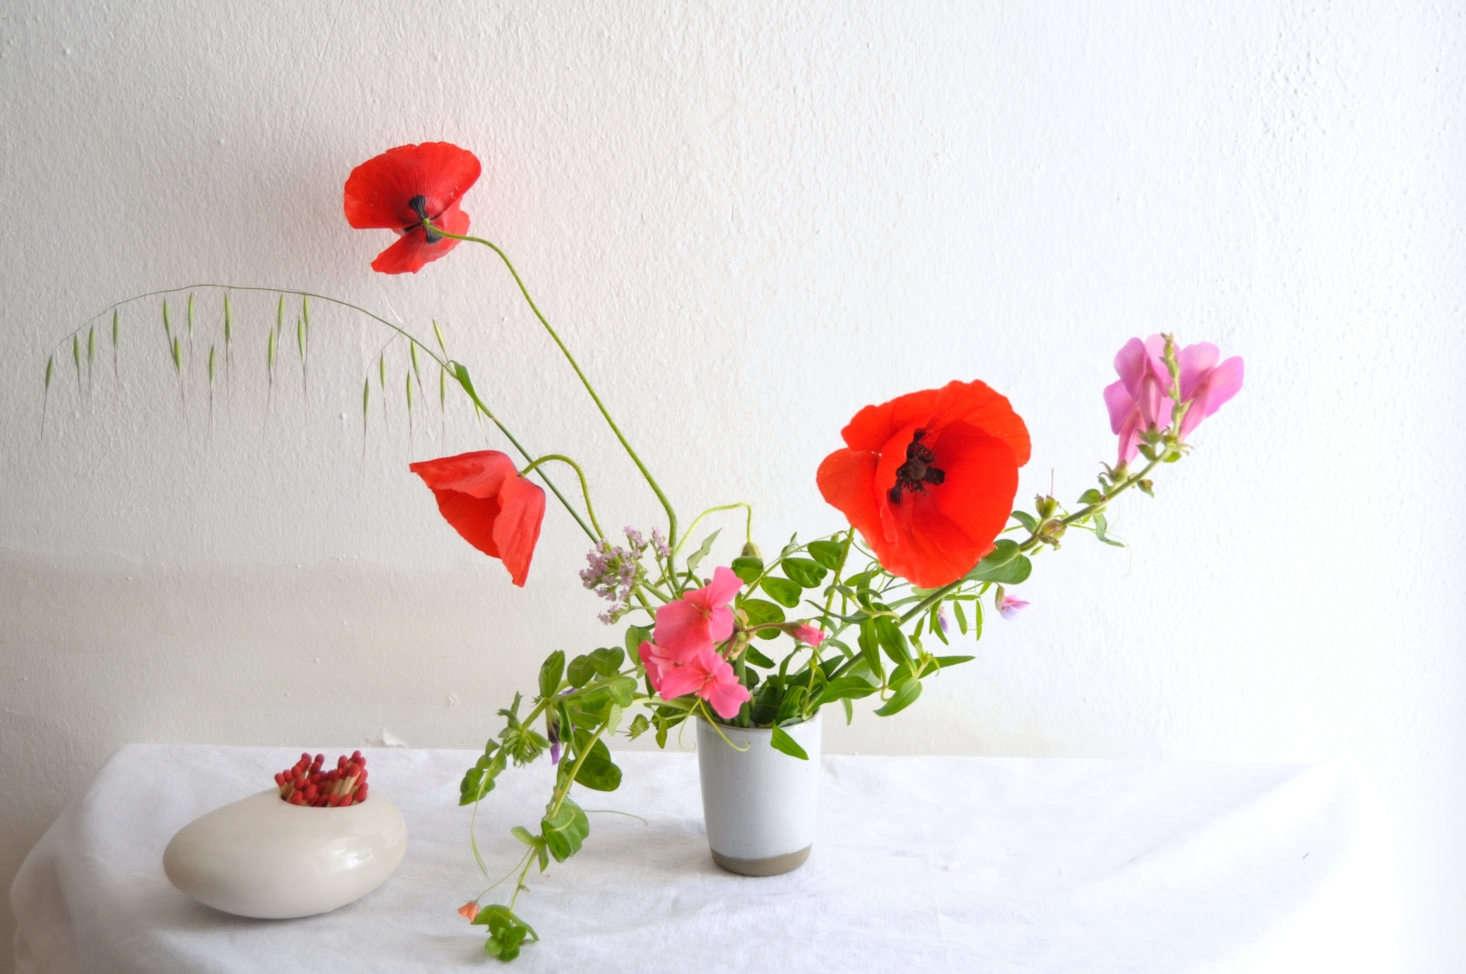 Rethinking Poppies How To Make A Fragile Flower Last Longer